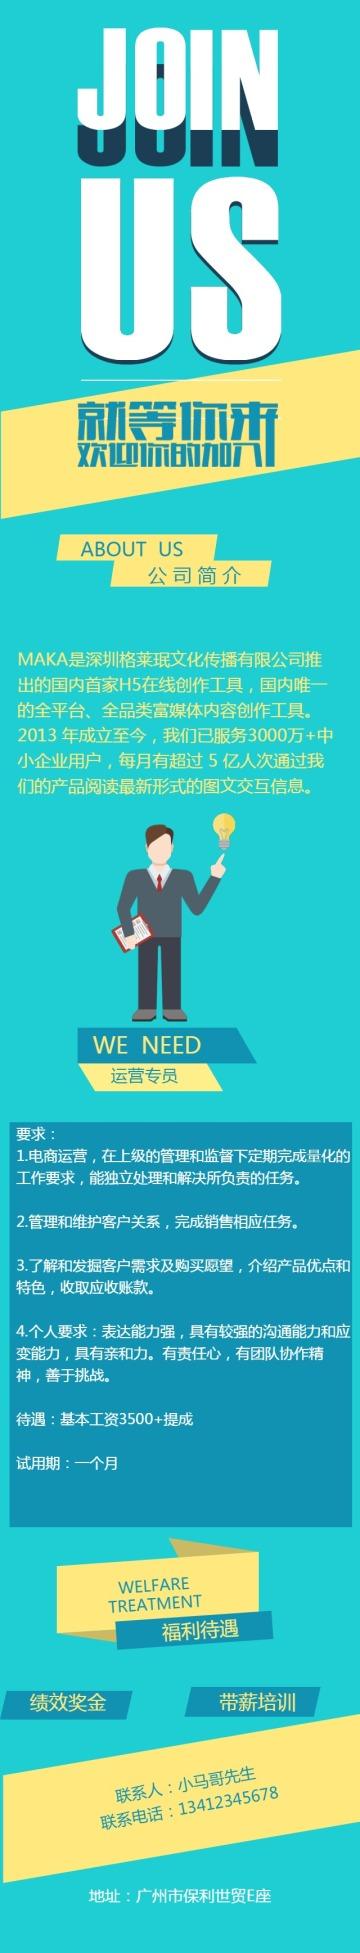 扁平简约绿色互联网企业校园招聘介绍推广单页